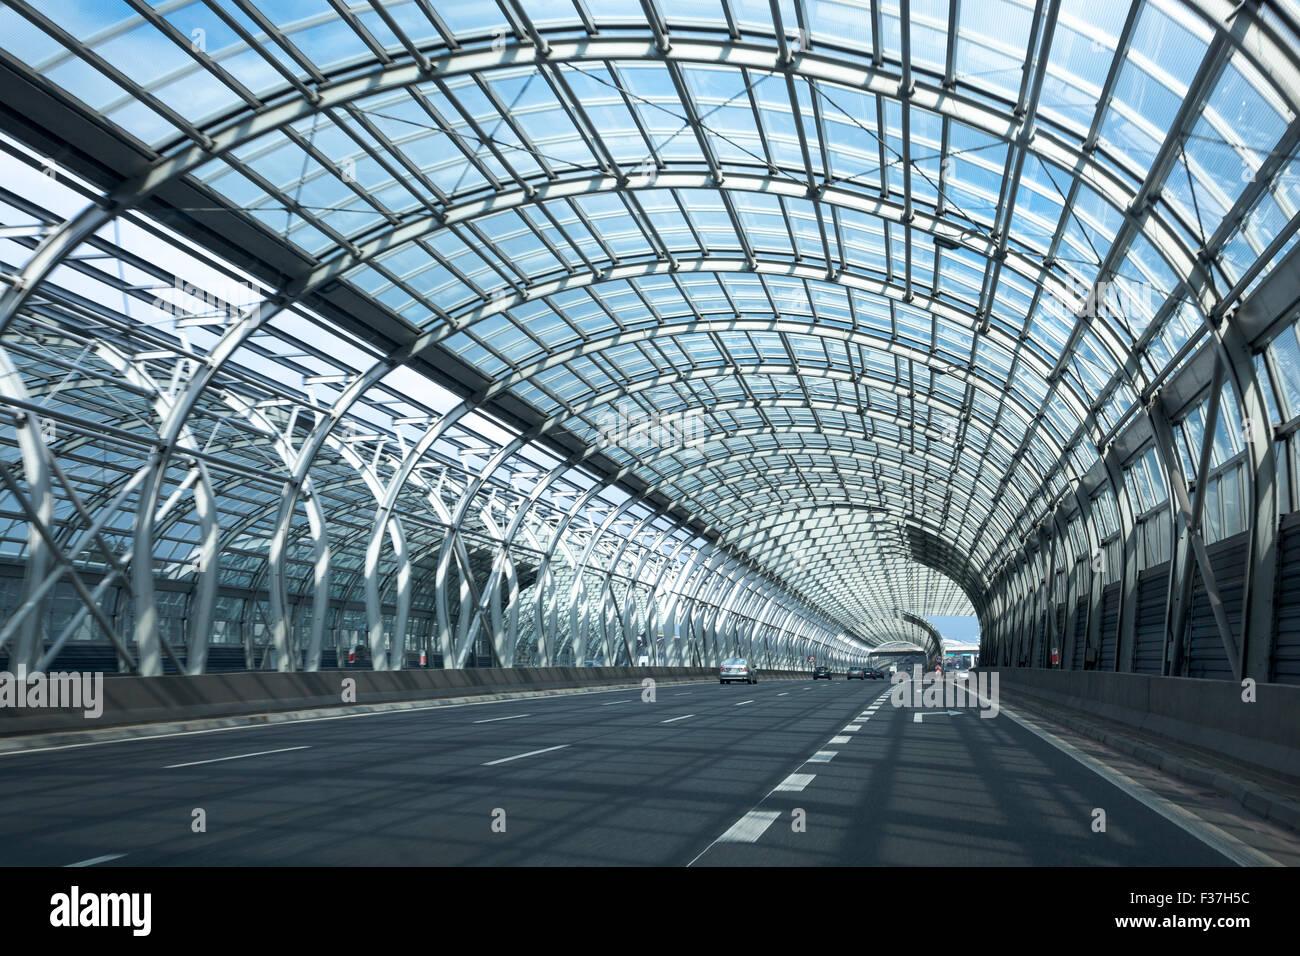 Route de barrières sonores afin de réduire la pollution sonore dans le centre de Varsovie, Pologne Photo Stock